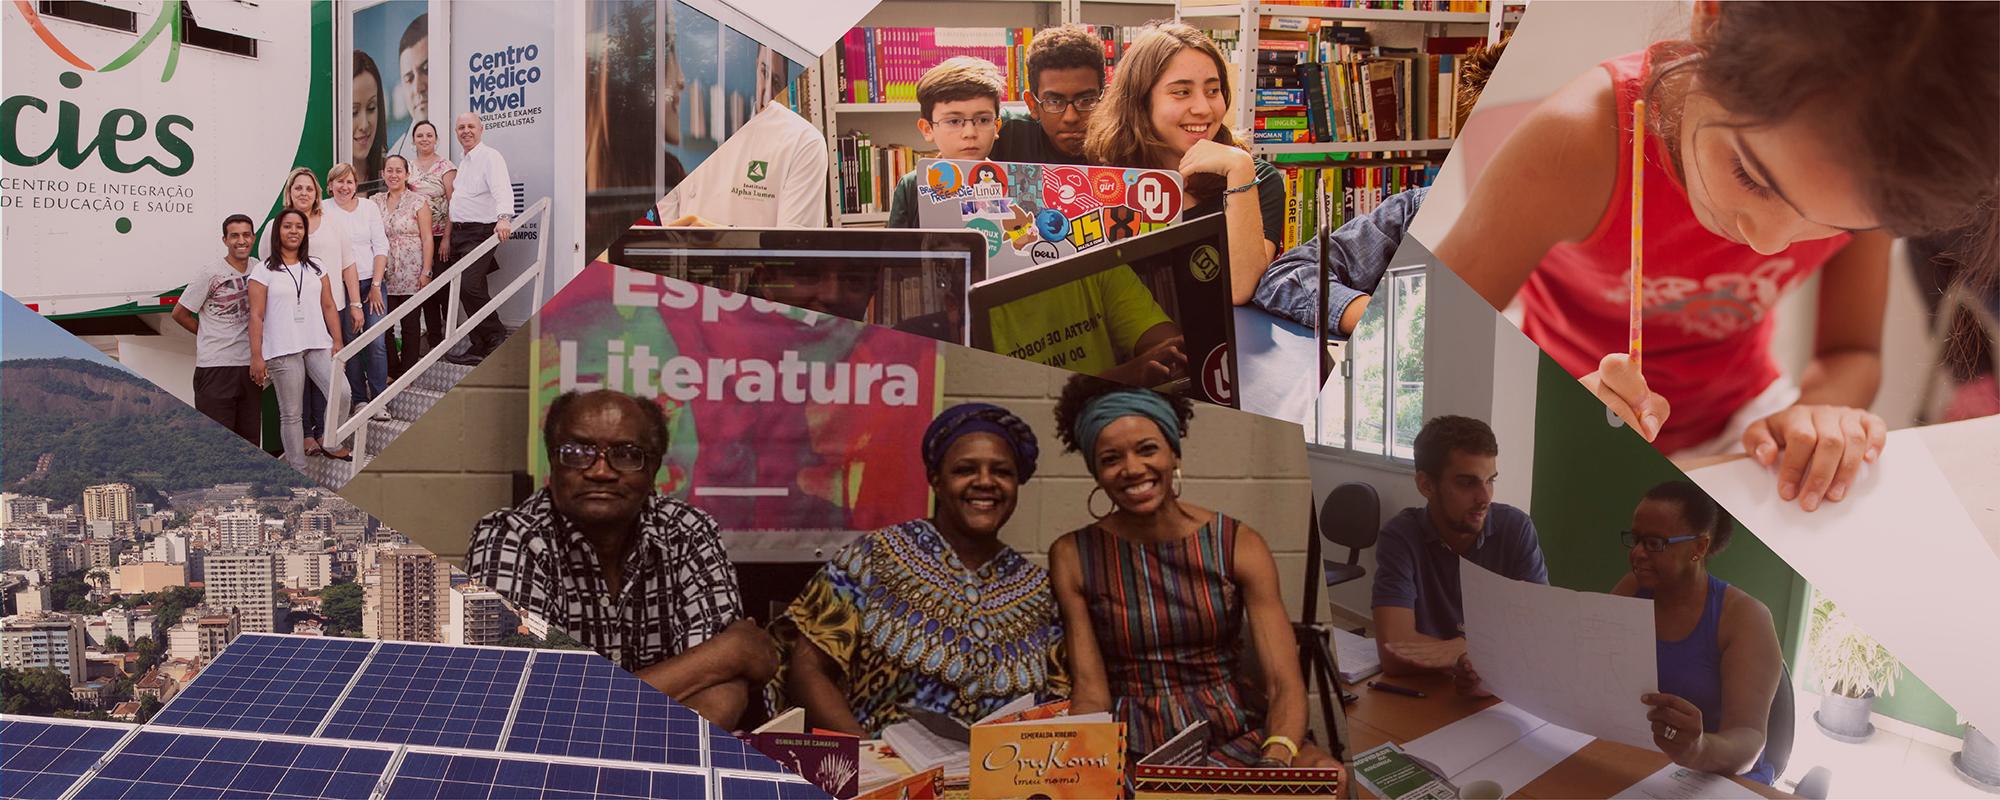 Mobilizando capital para impacto socioambiental positivo